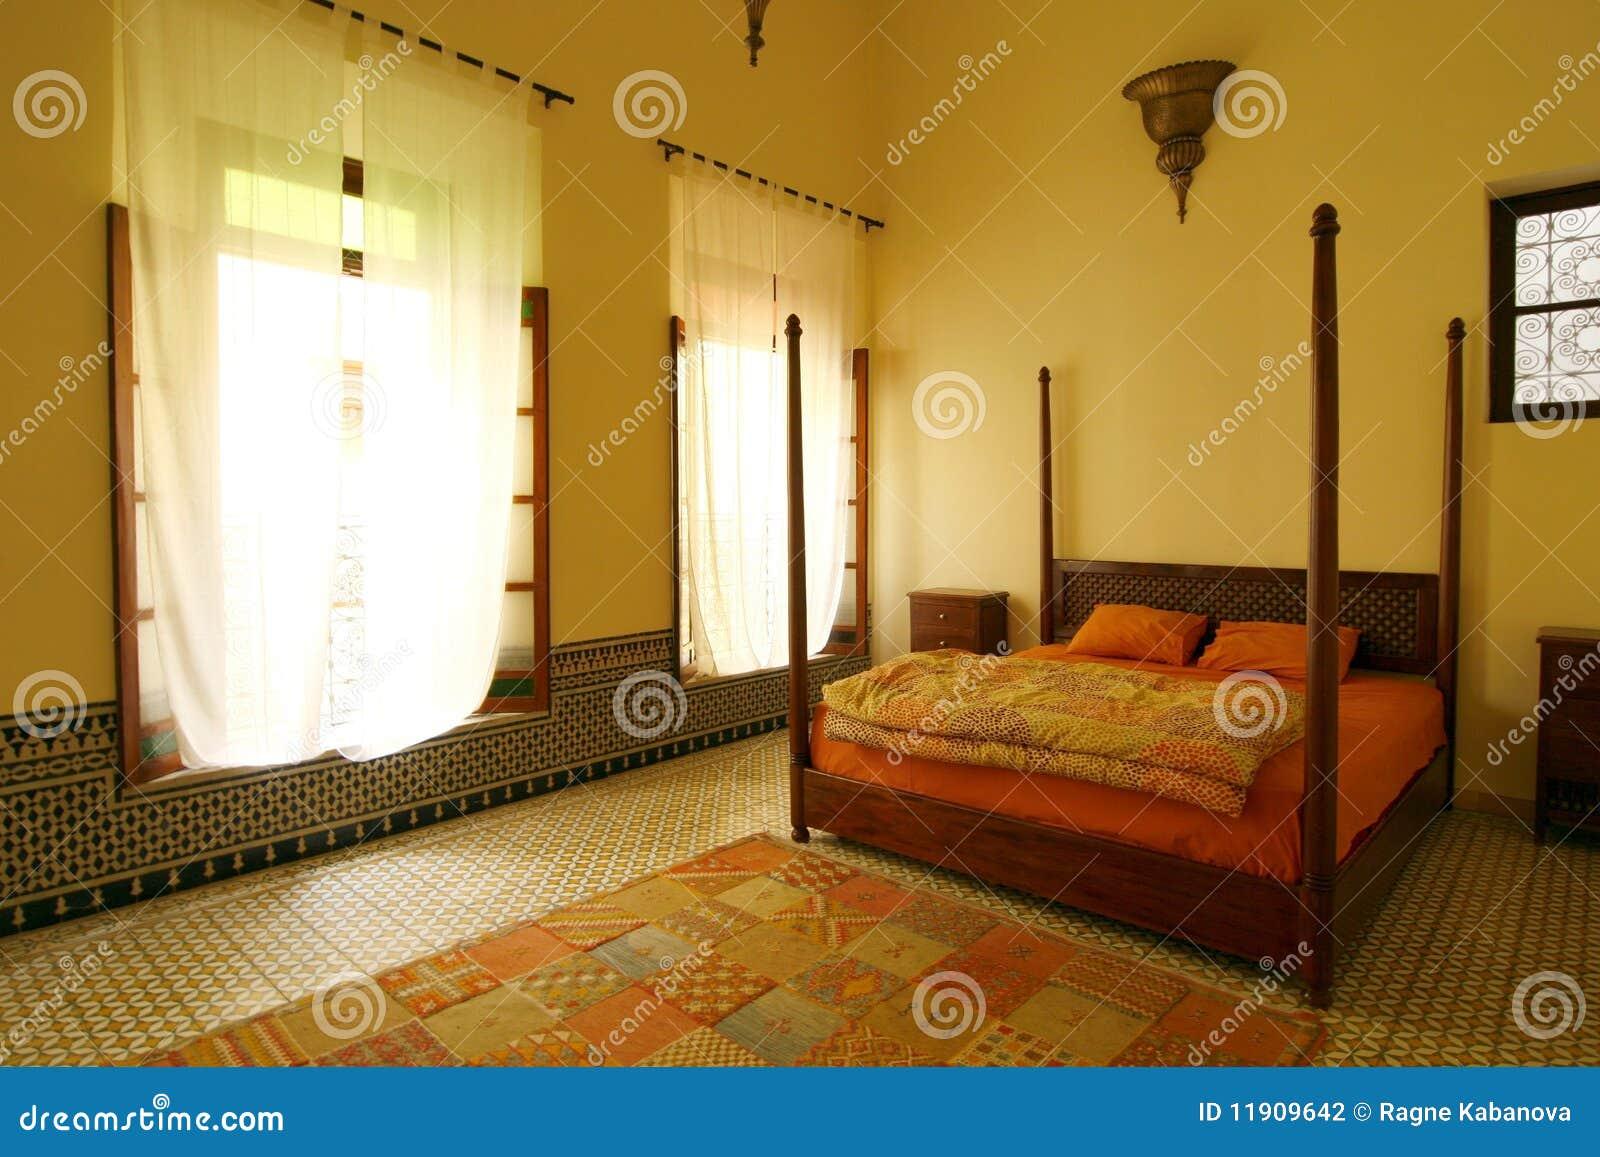 Camera Da Letto Stile Marocco : Bella camera da letto araba autentica marocco fotografia stock